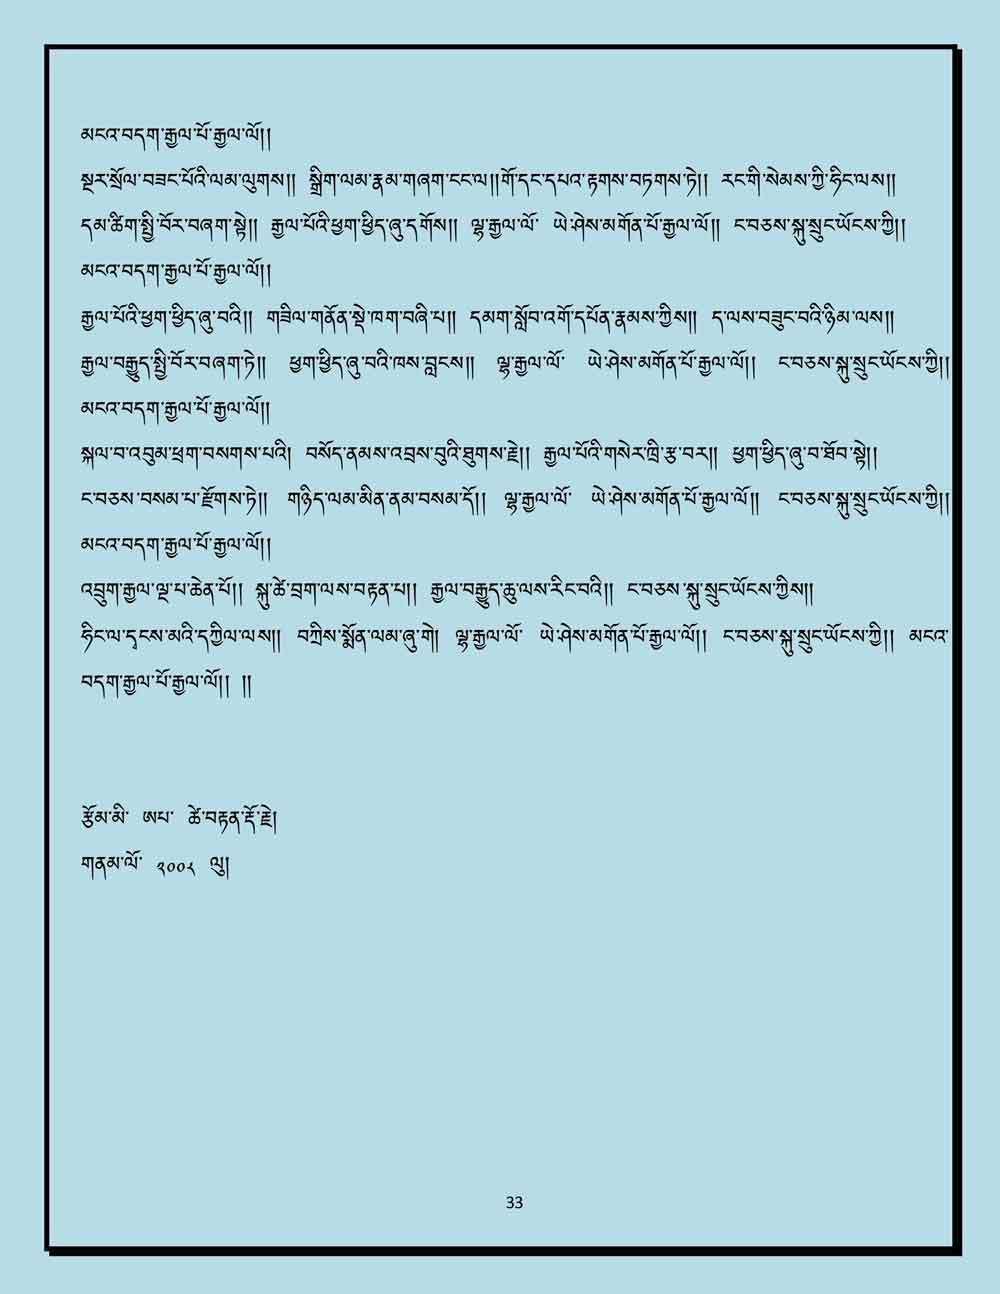 Ap-Tseten-Lyrics-33.jpg